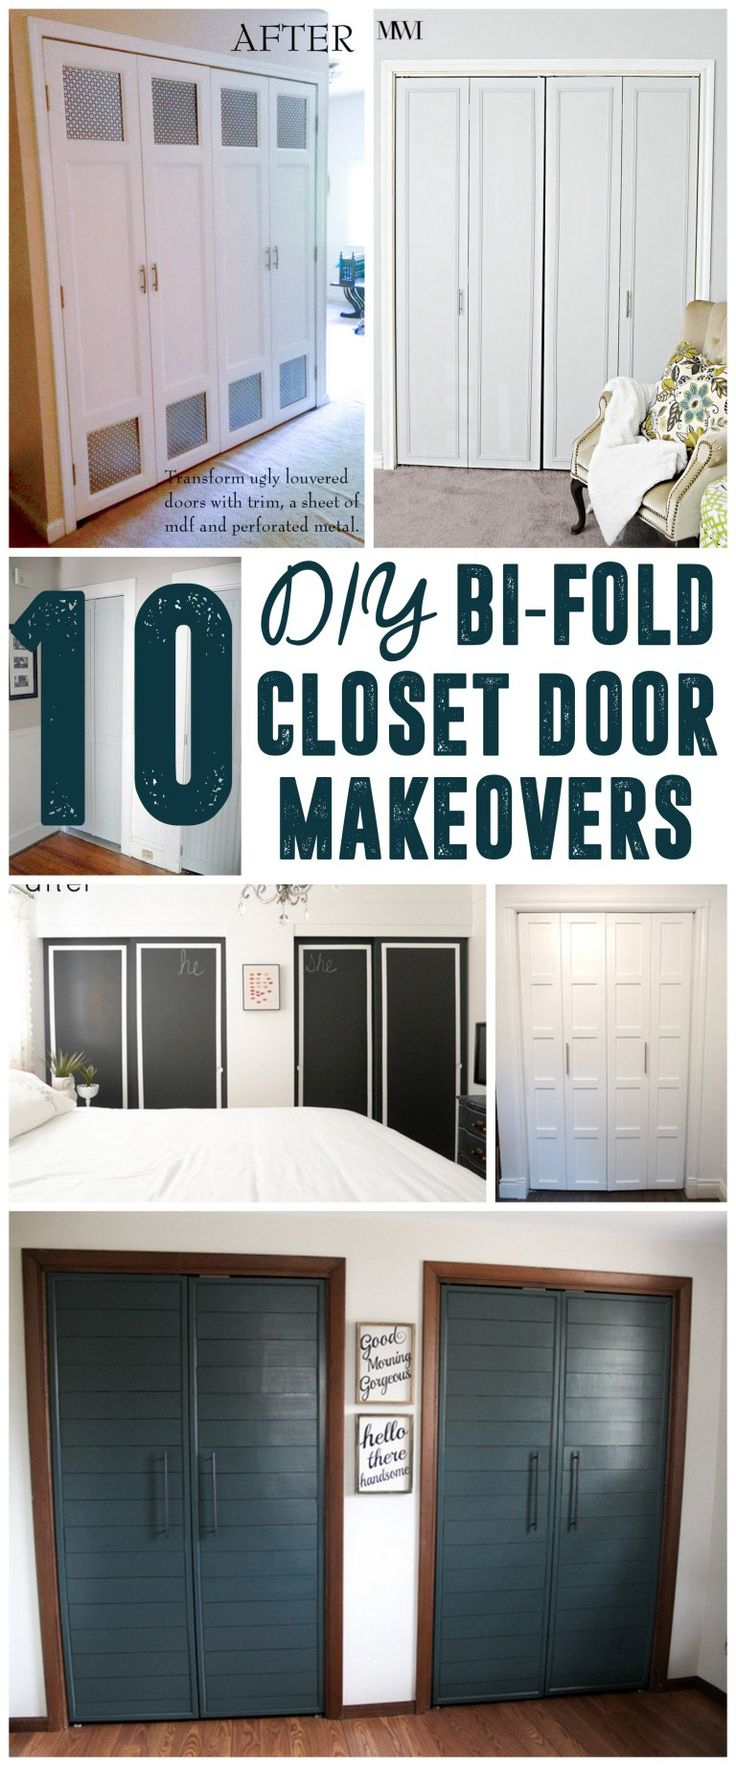 DIY Bi-Fold Closet Door Makeovers